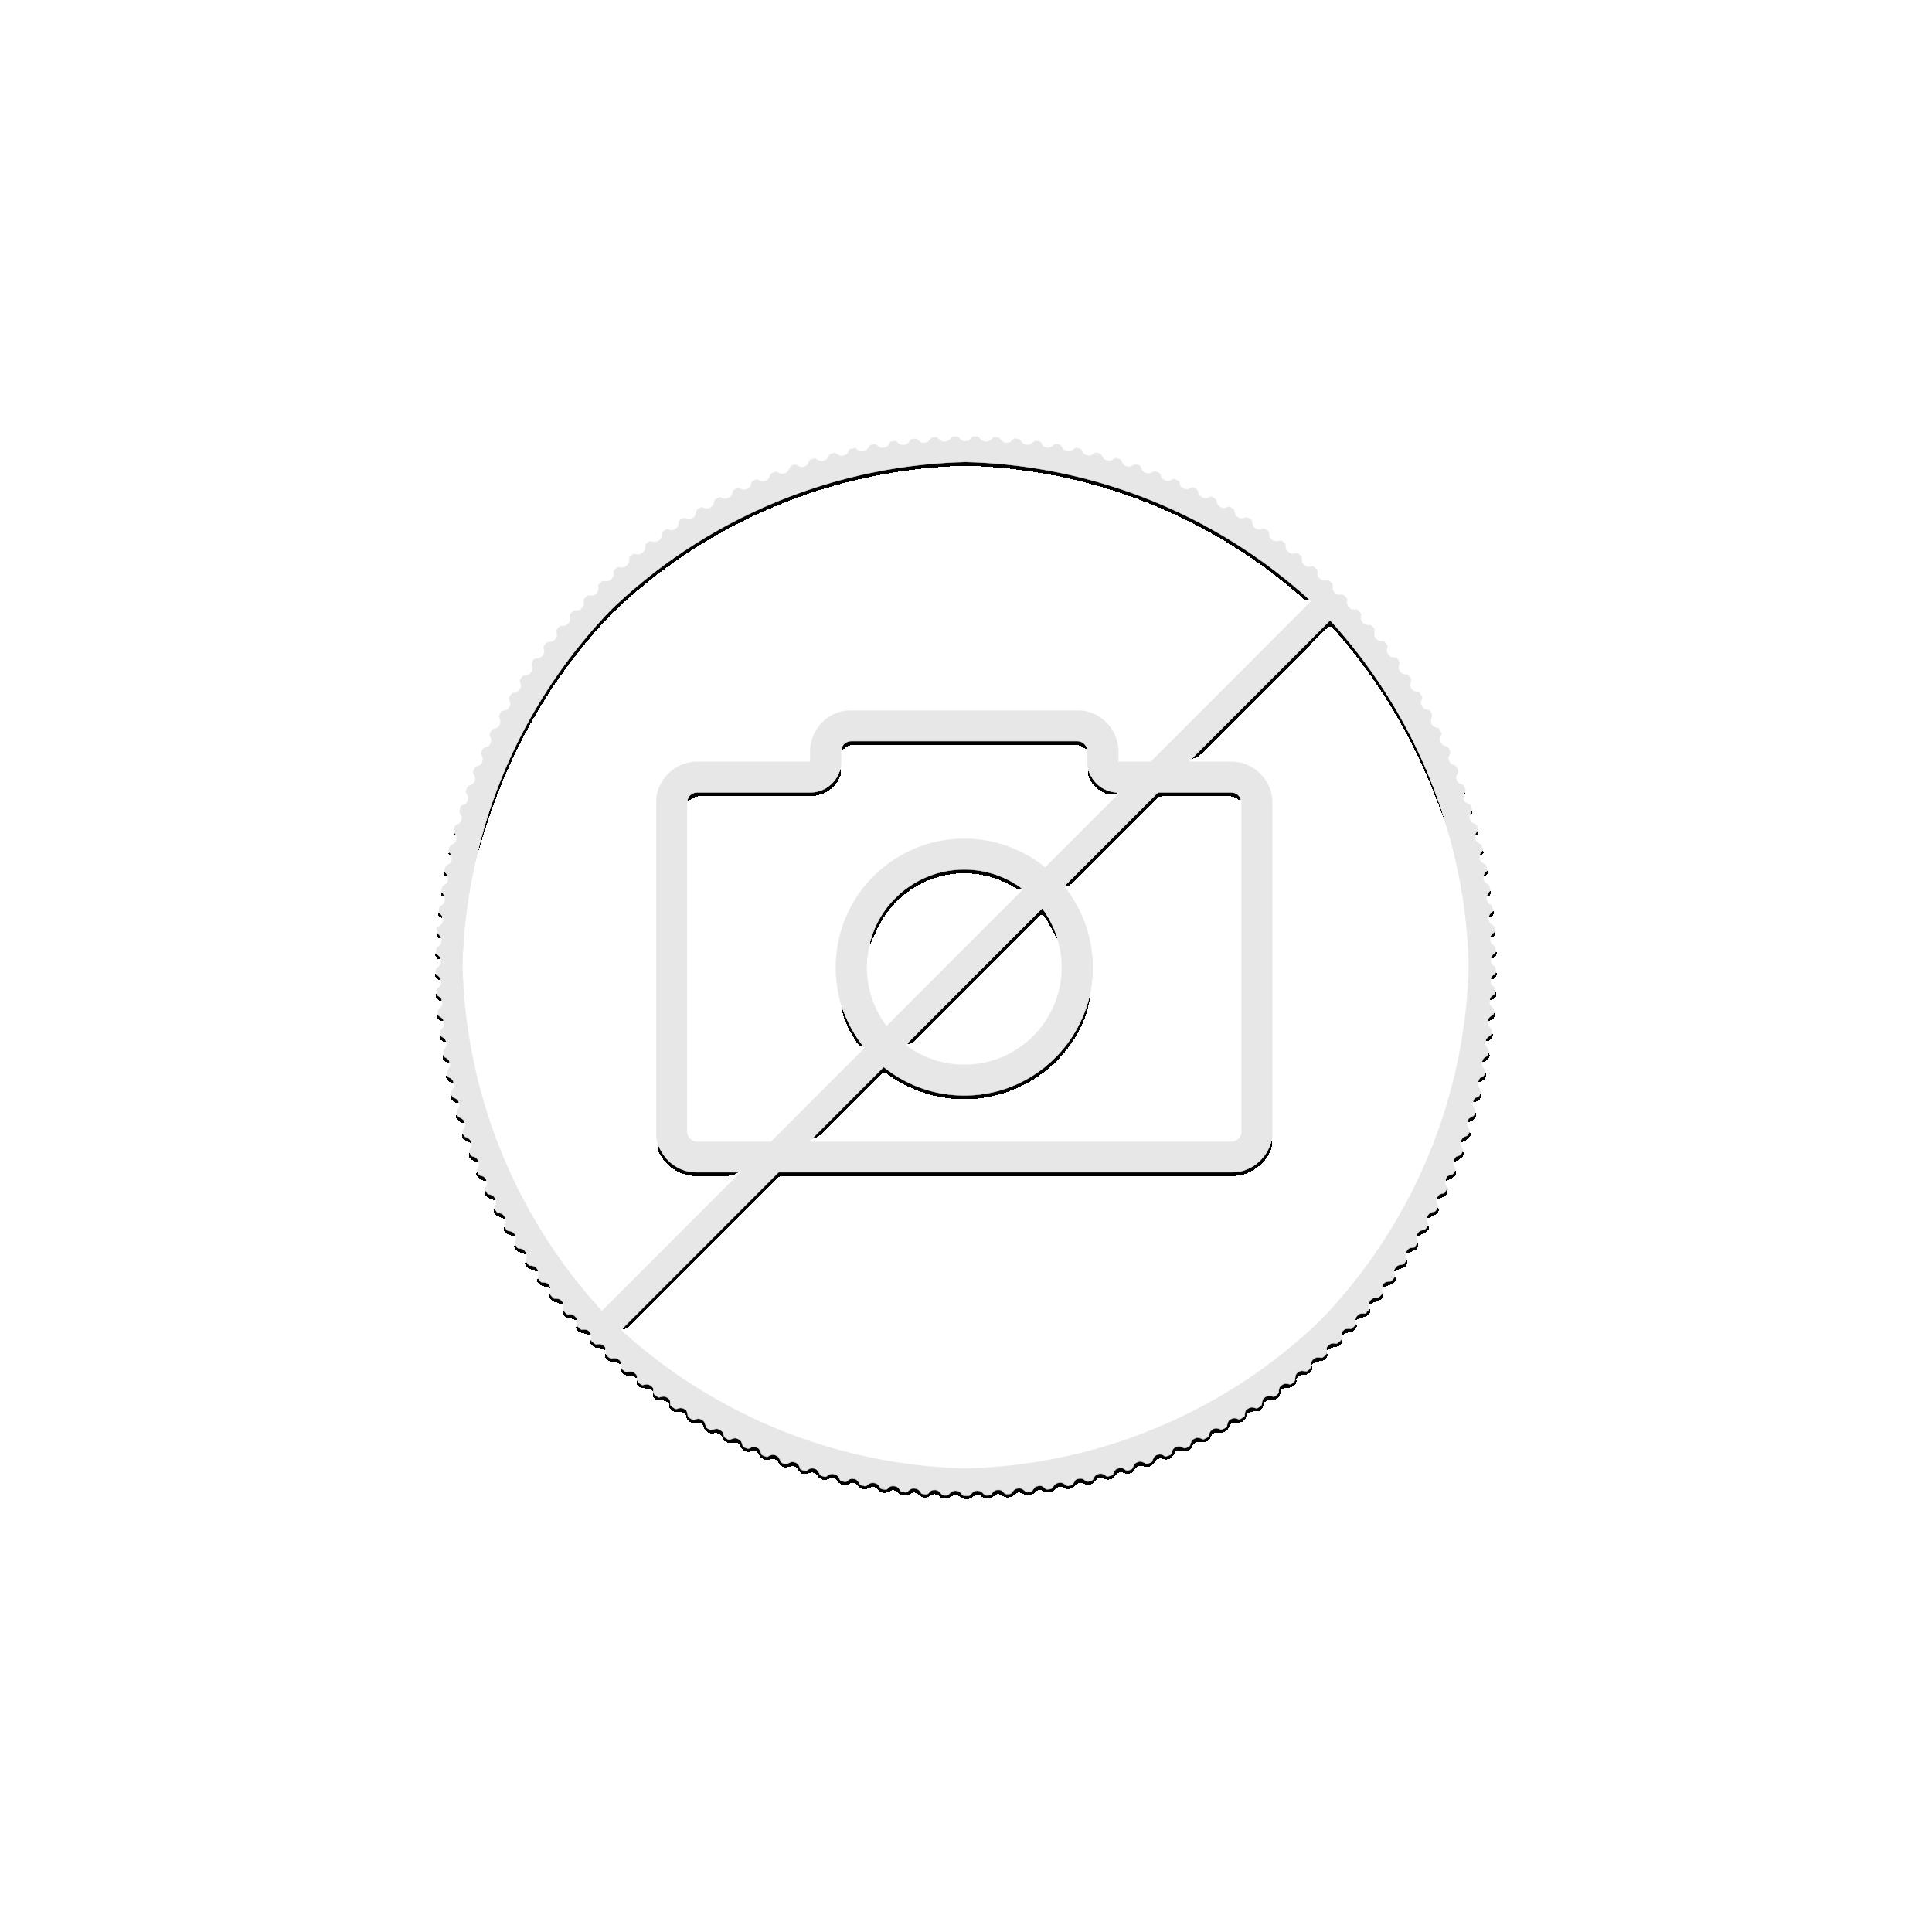 1 Kilo zilveren Kookaburra 2017 munt